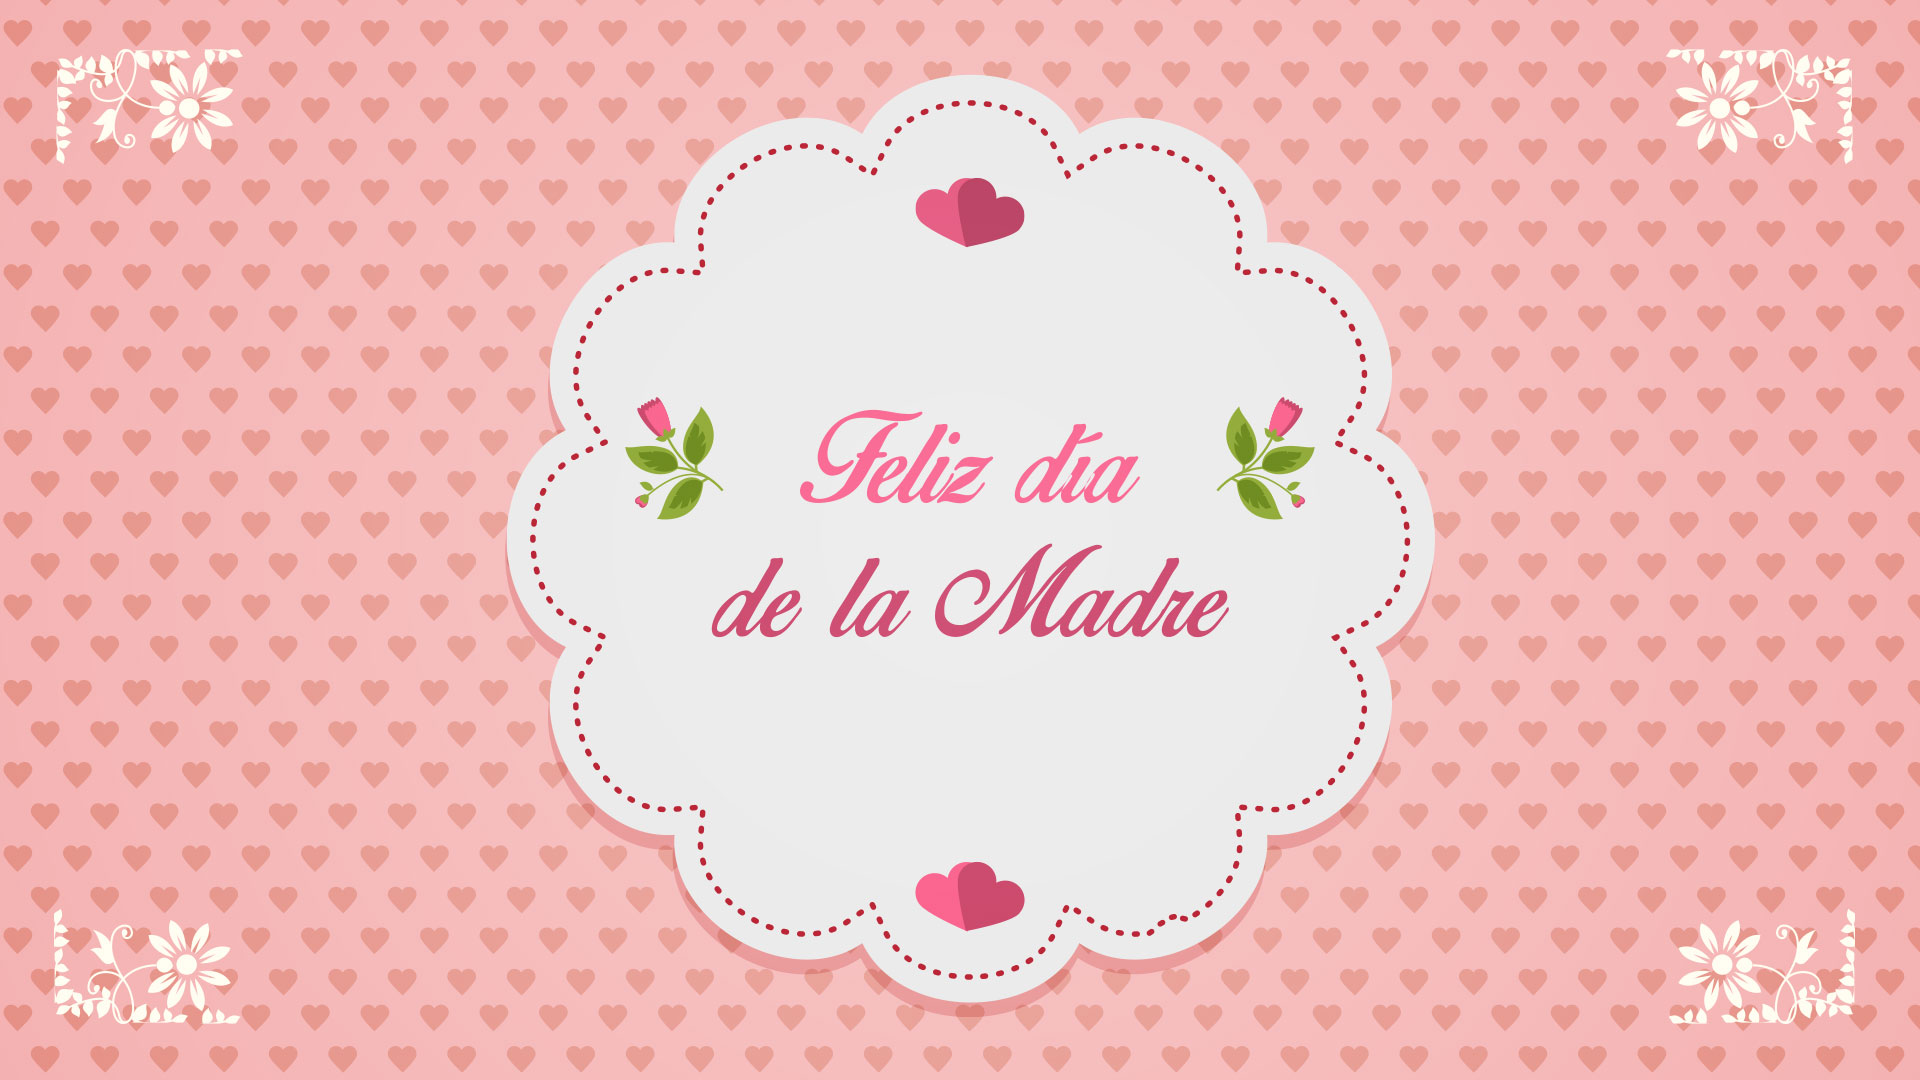 Imagen Feliz Día De La Madre: Feliz Día De La Madre